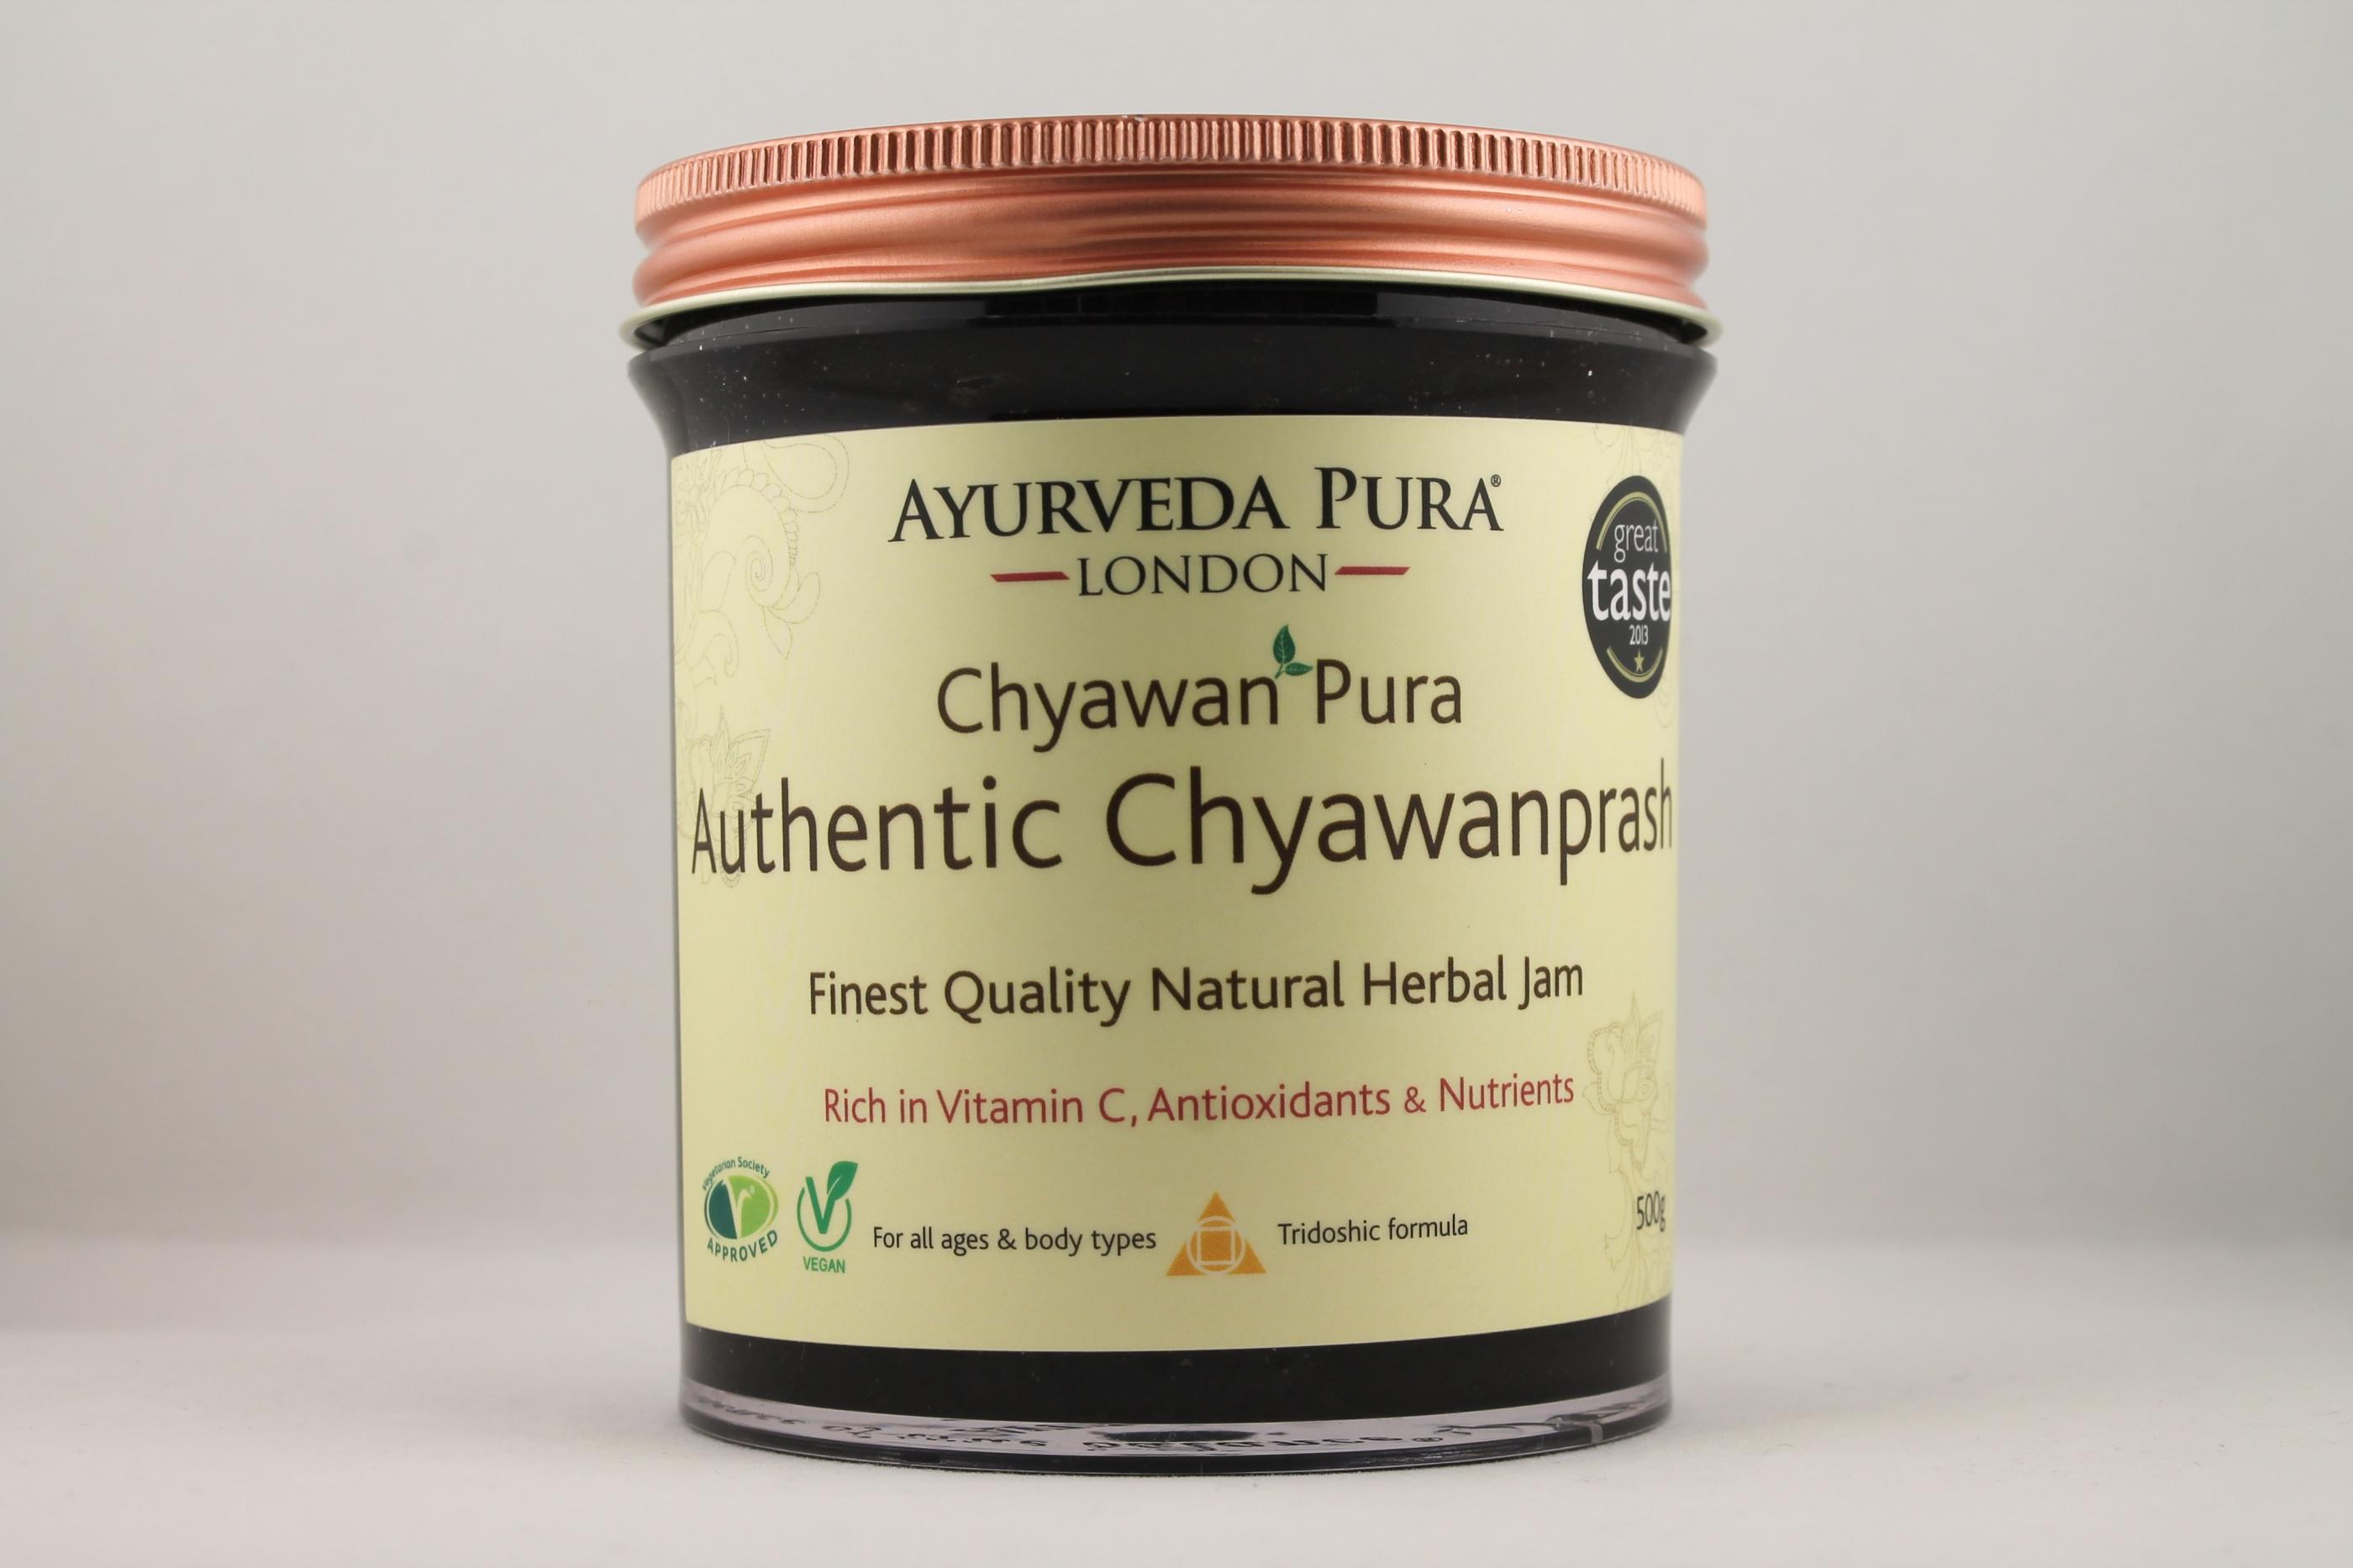 Chyawanprash holistisk alternativ örttillskott kosttillskott homeopati hälsa